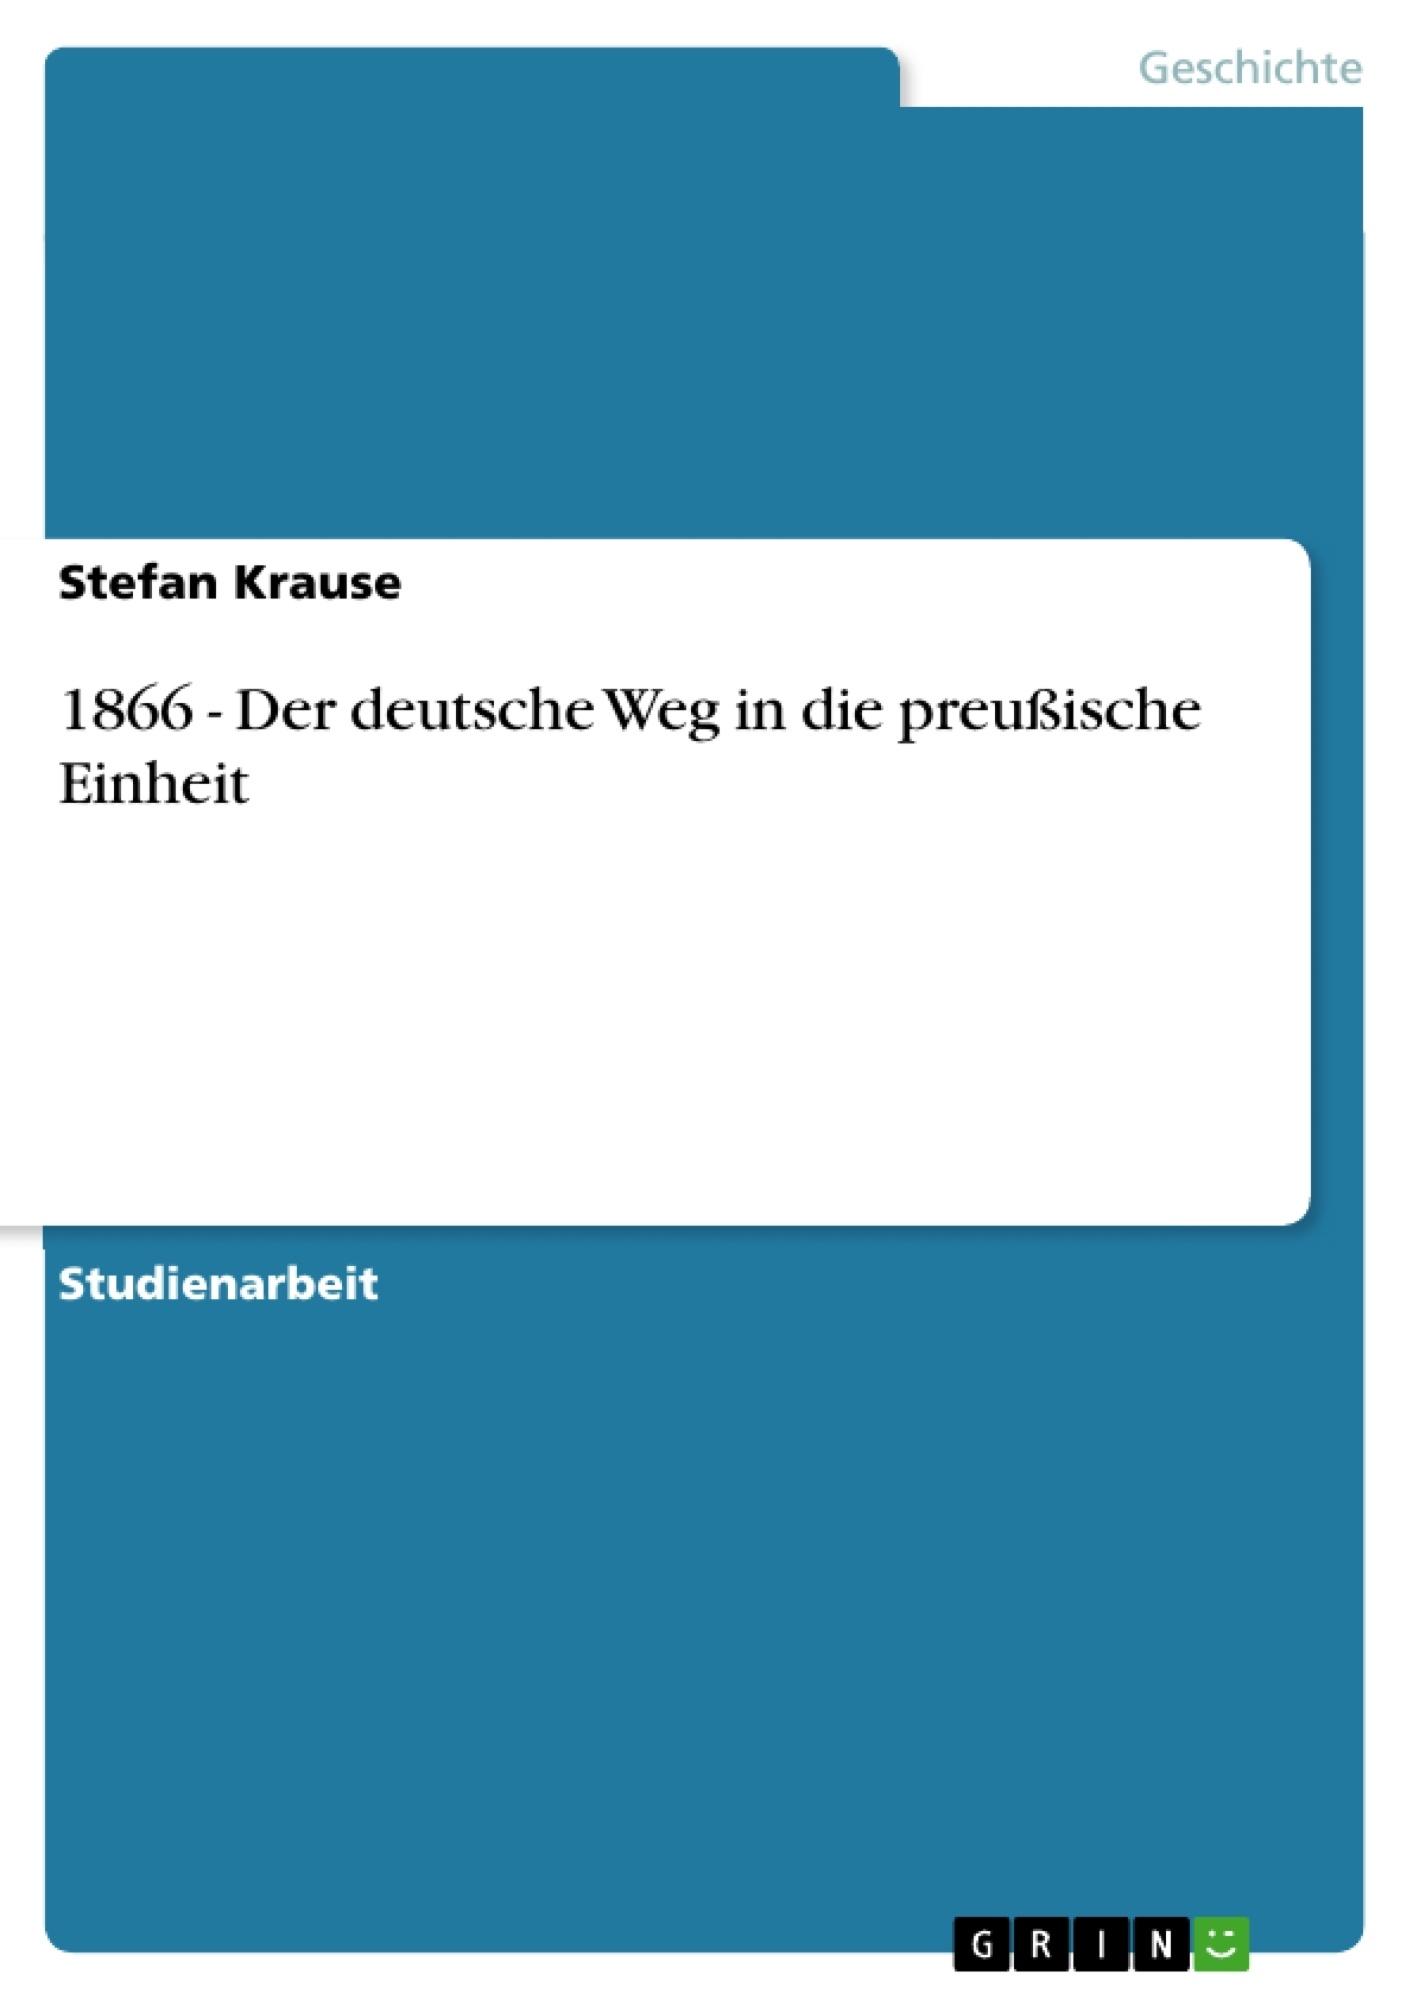 Titel: 1866 - Der deutsche Weg in die preußische Einheit